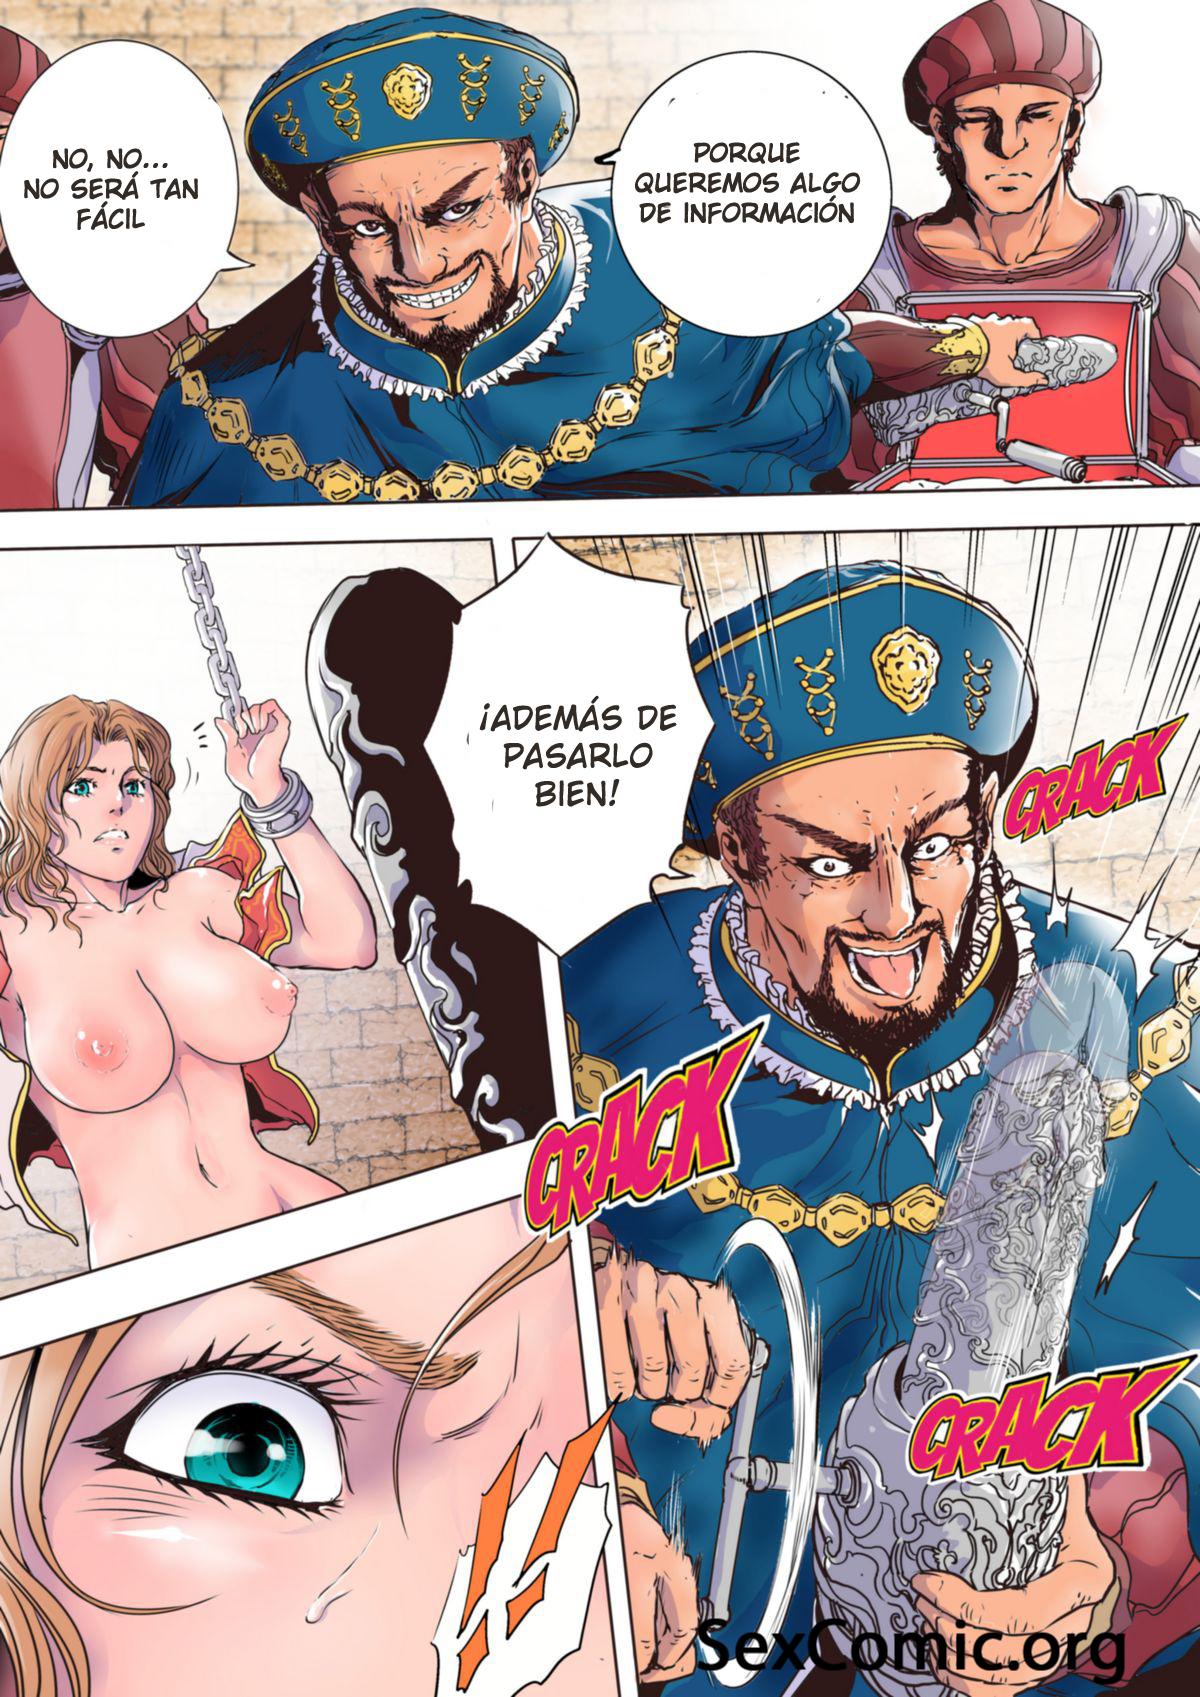 Assassin Creed Comic Porno xxx - En Castellano - Historias xxx - Mangas xxx - Hentai - Videos porno - Dibujos porno (4)